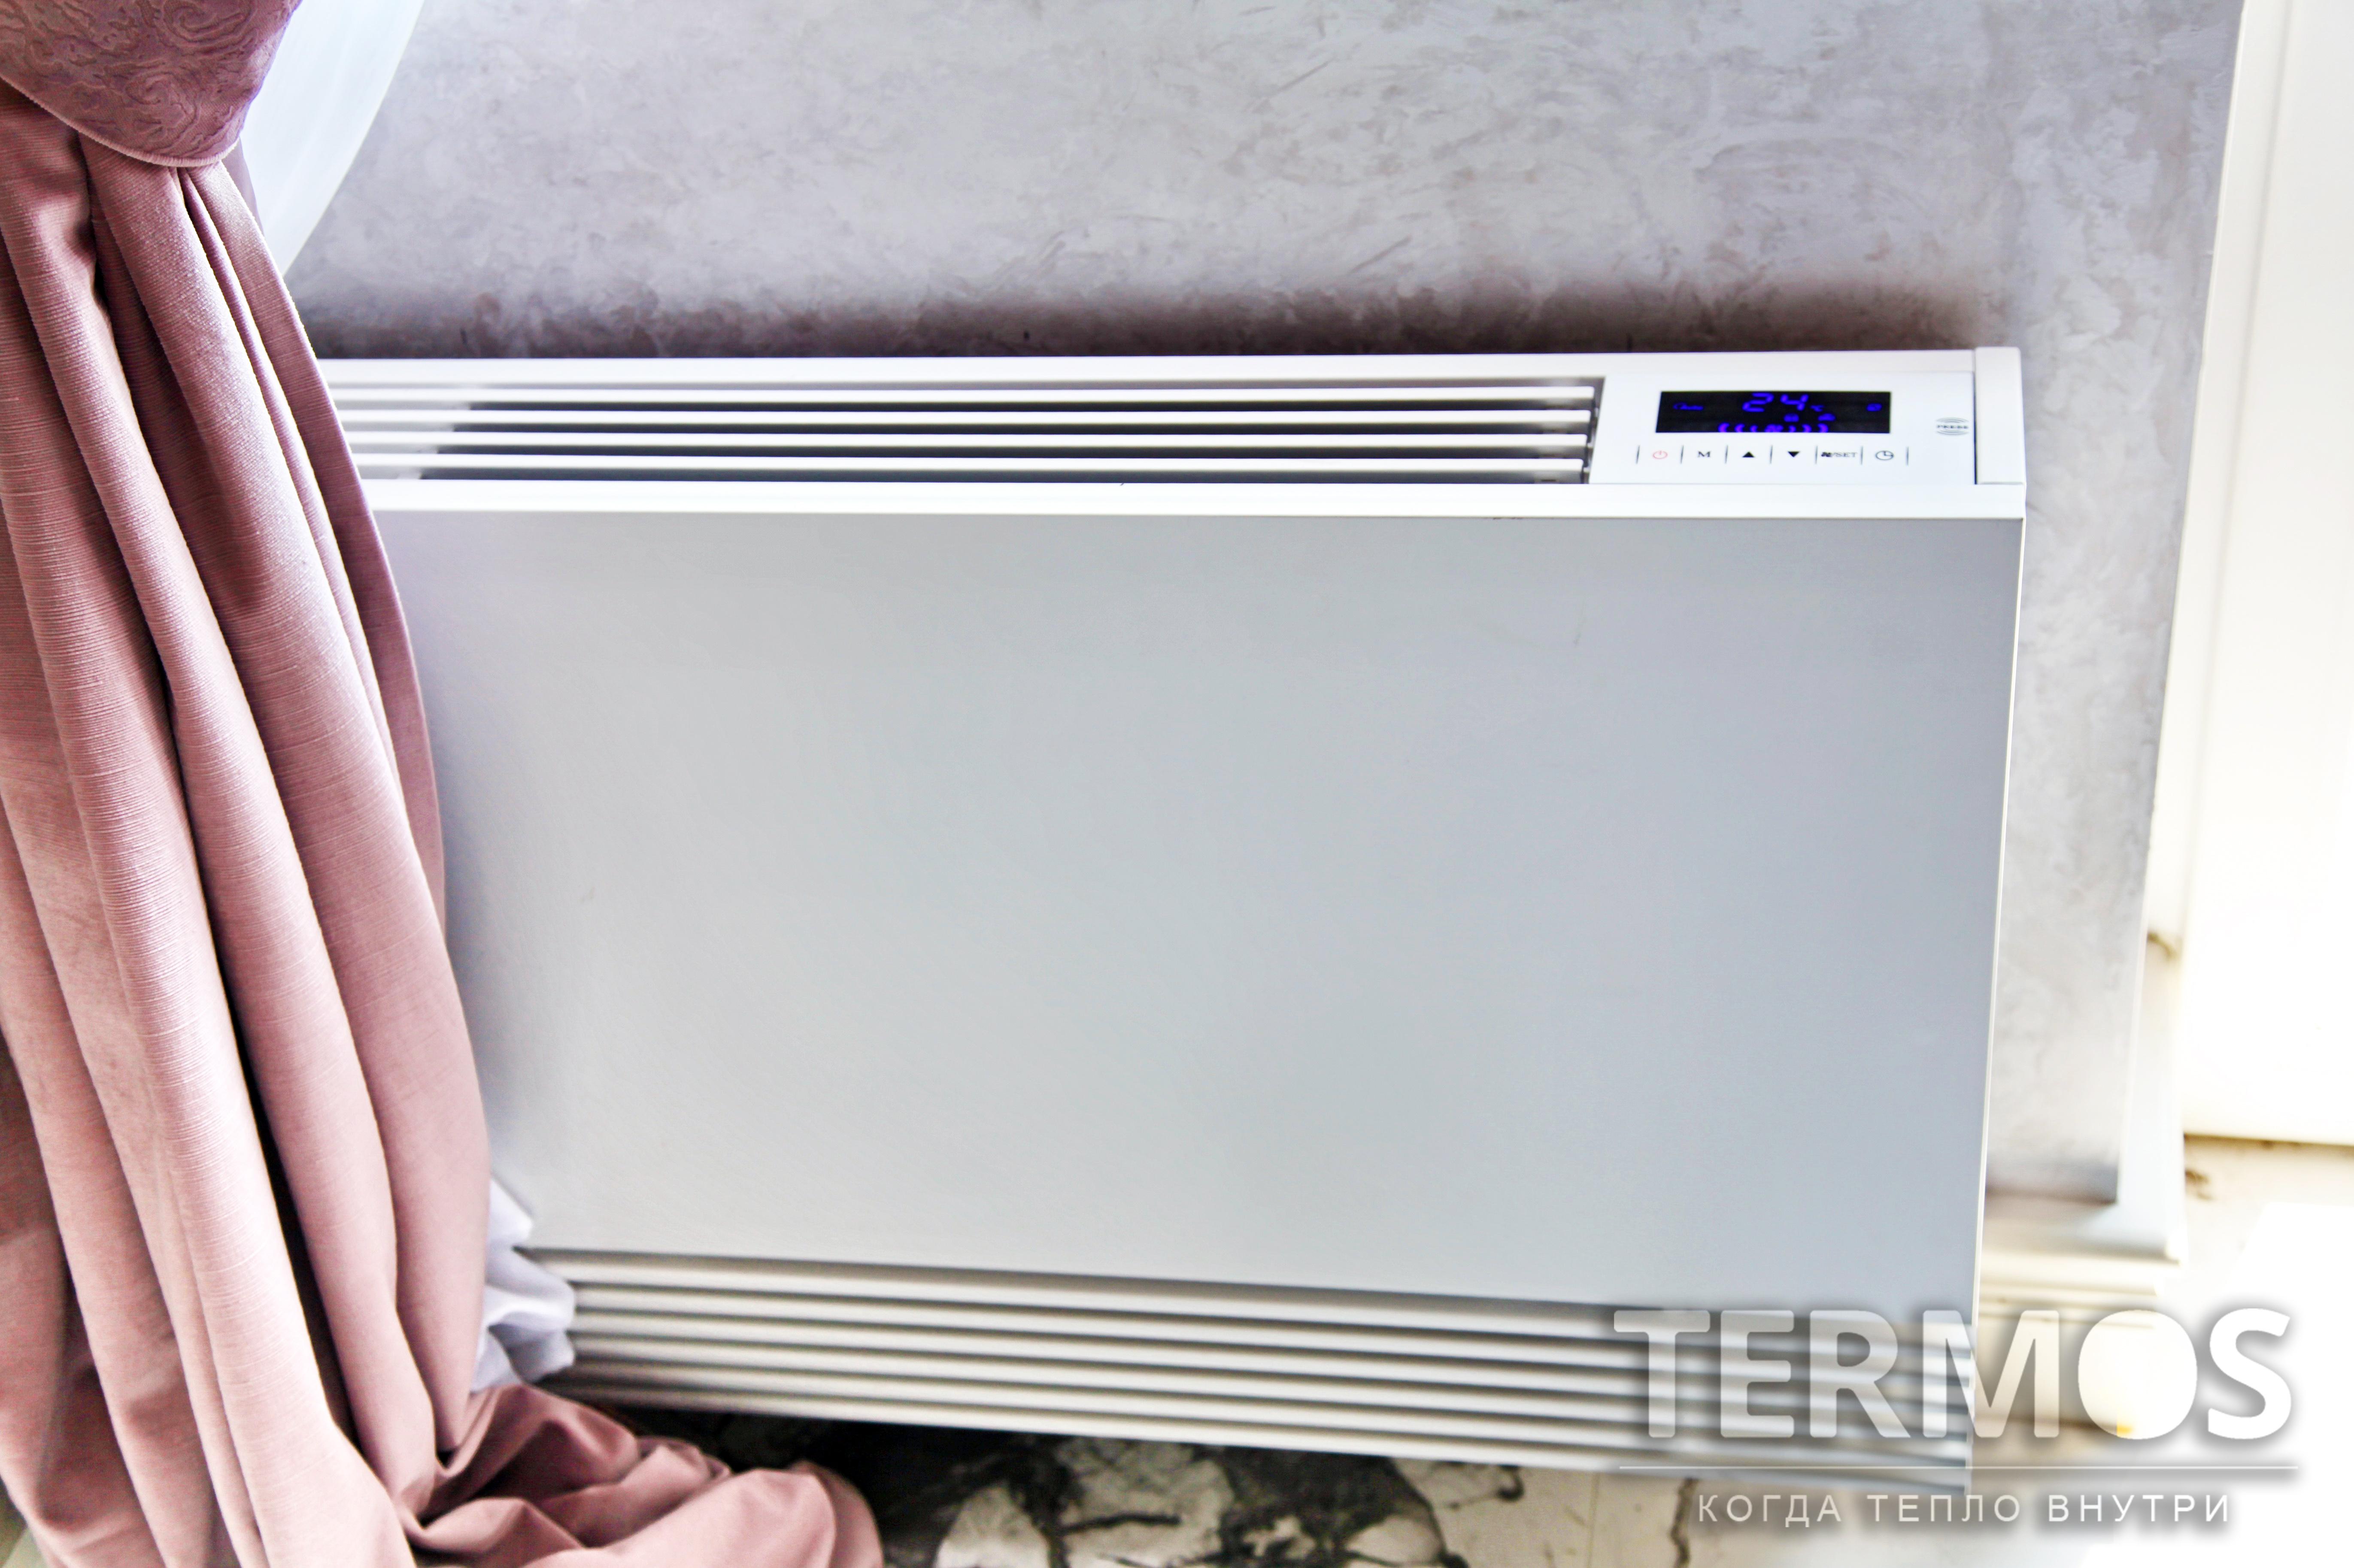 Фанкойл благодаря универсальной возможности работать в режимах обогрев/охлаждение часто применяется в системах с тепловыми насосами